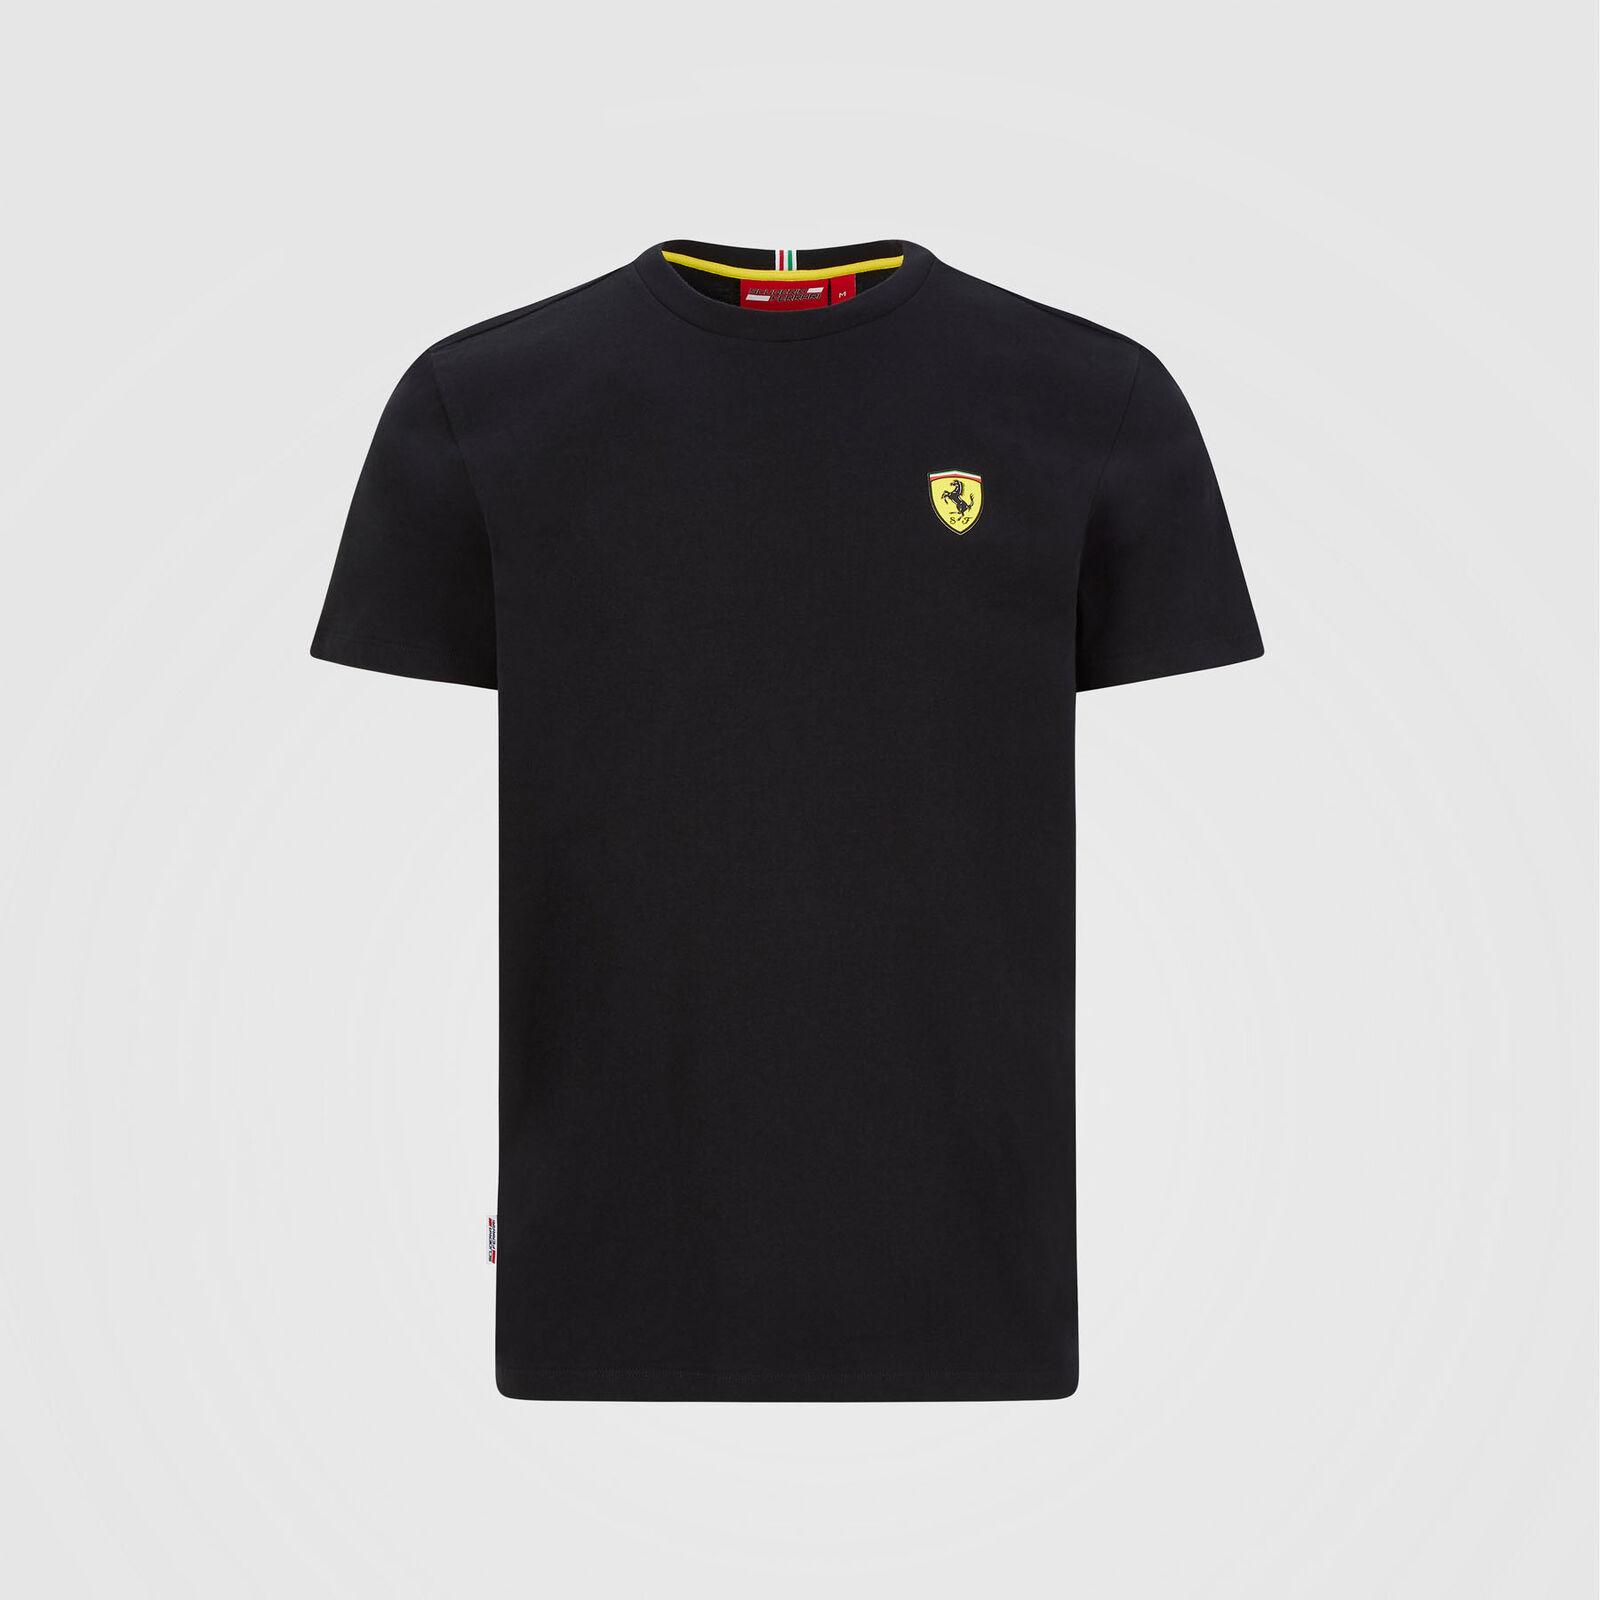 Ferrari Scuderia Herren T-Shirt F1 Small Shield Schwarz//Rot